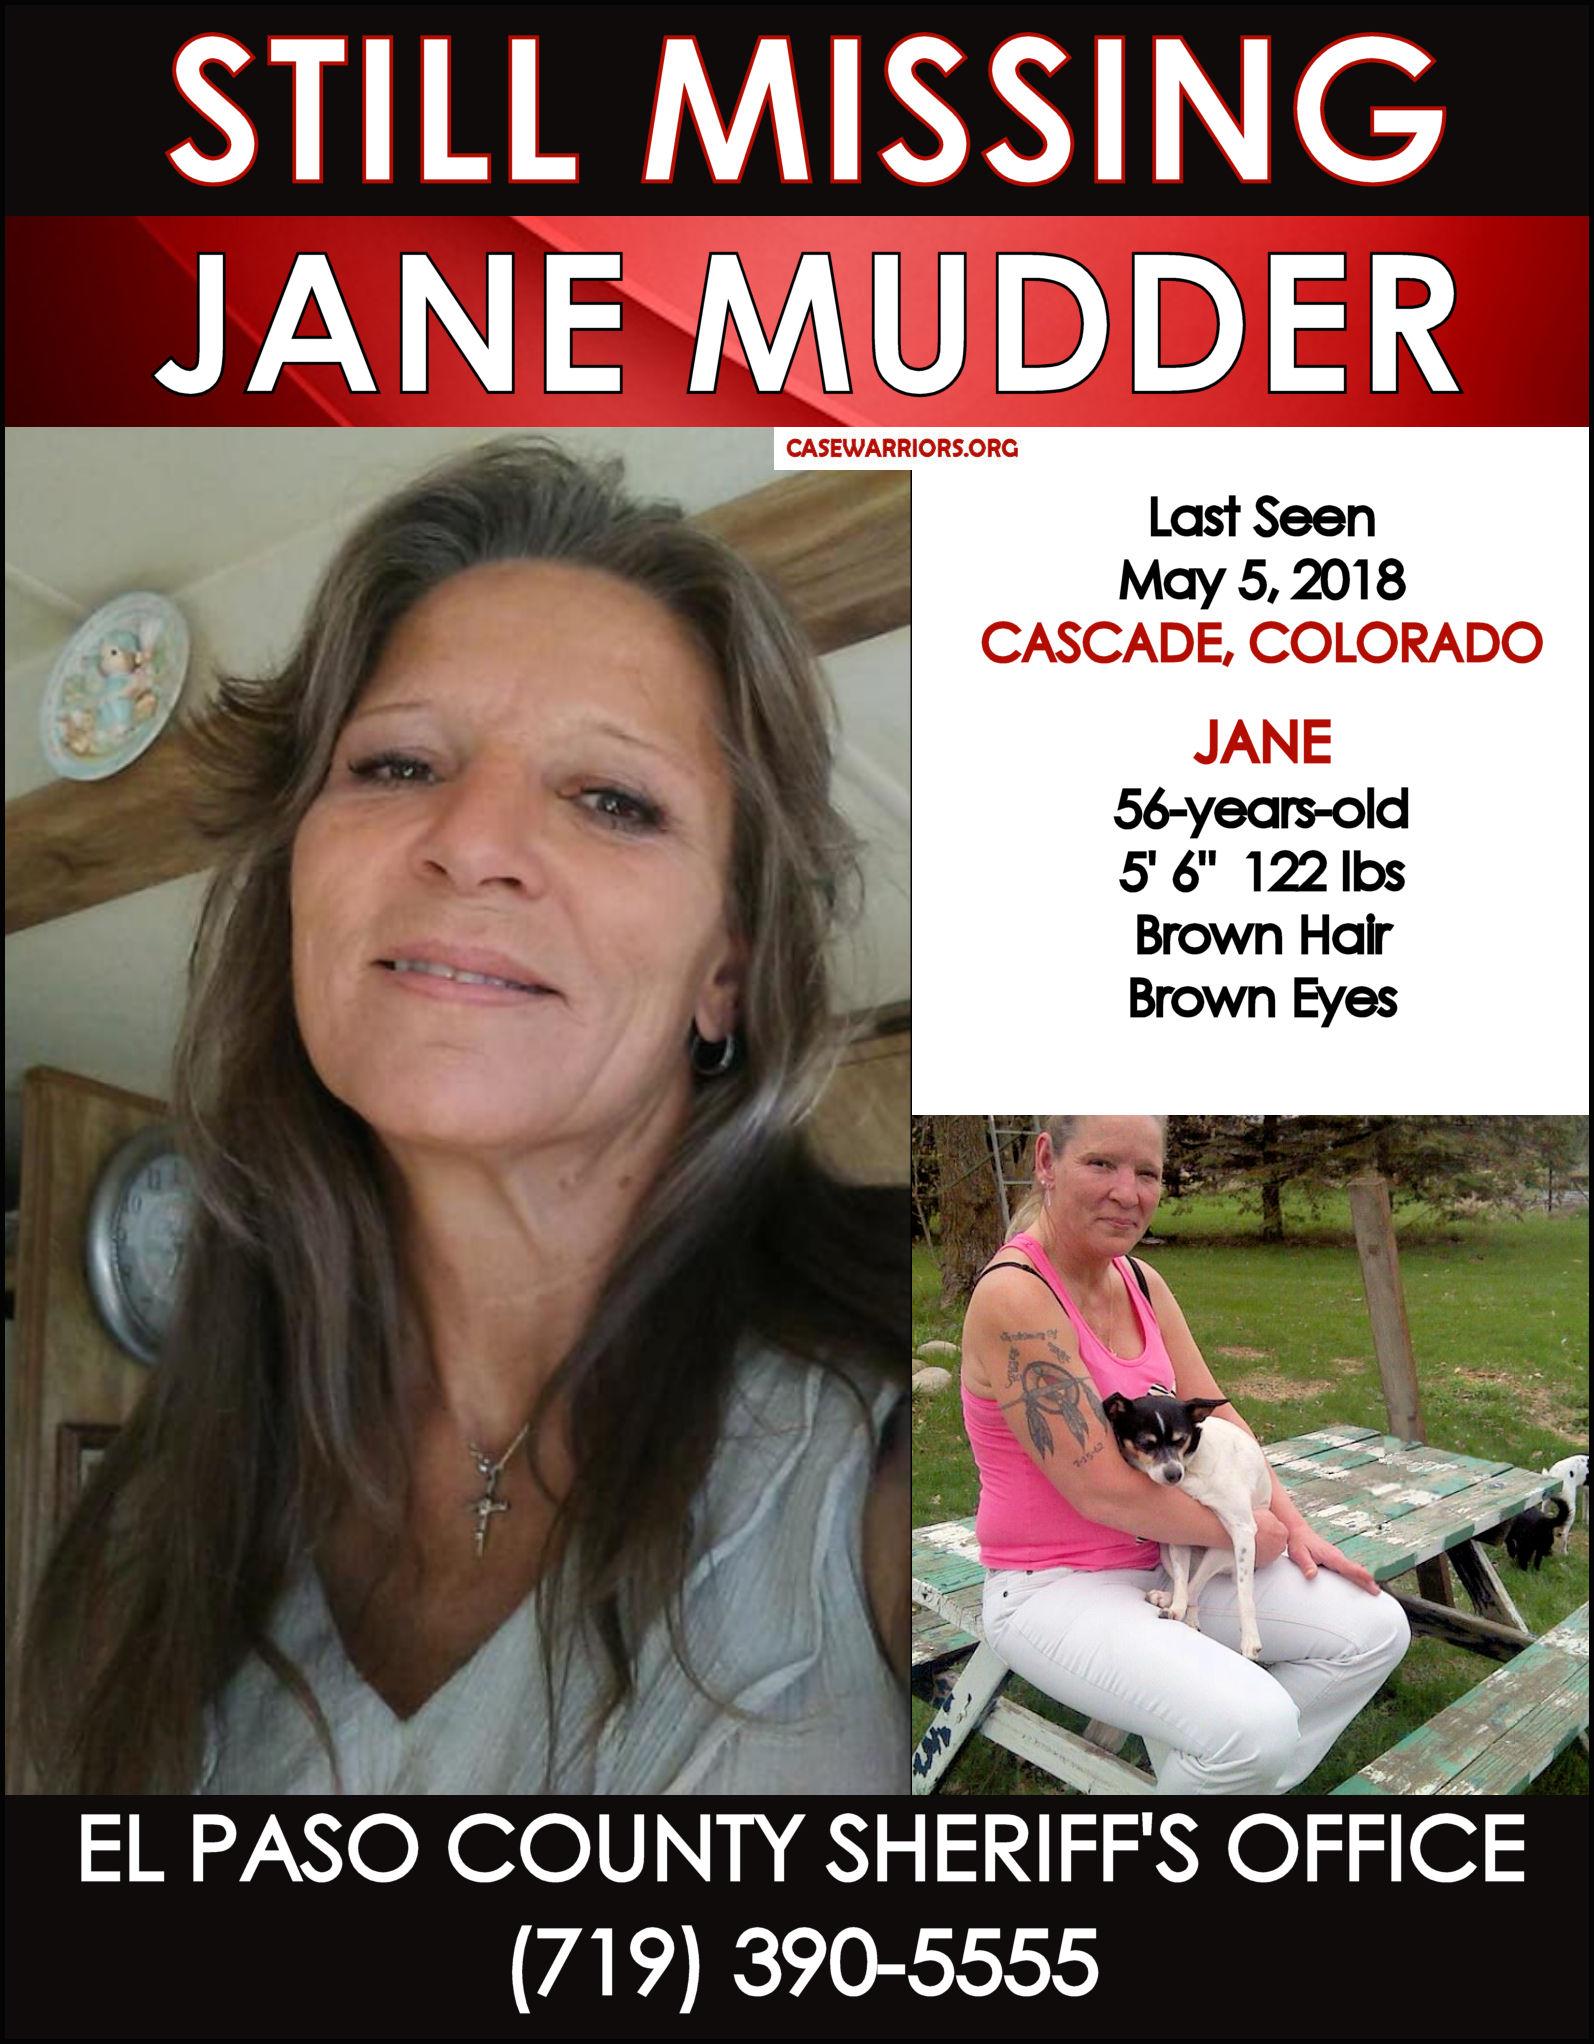 JANE MUDDER